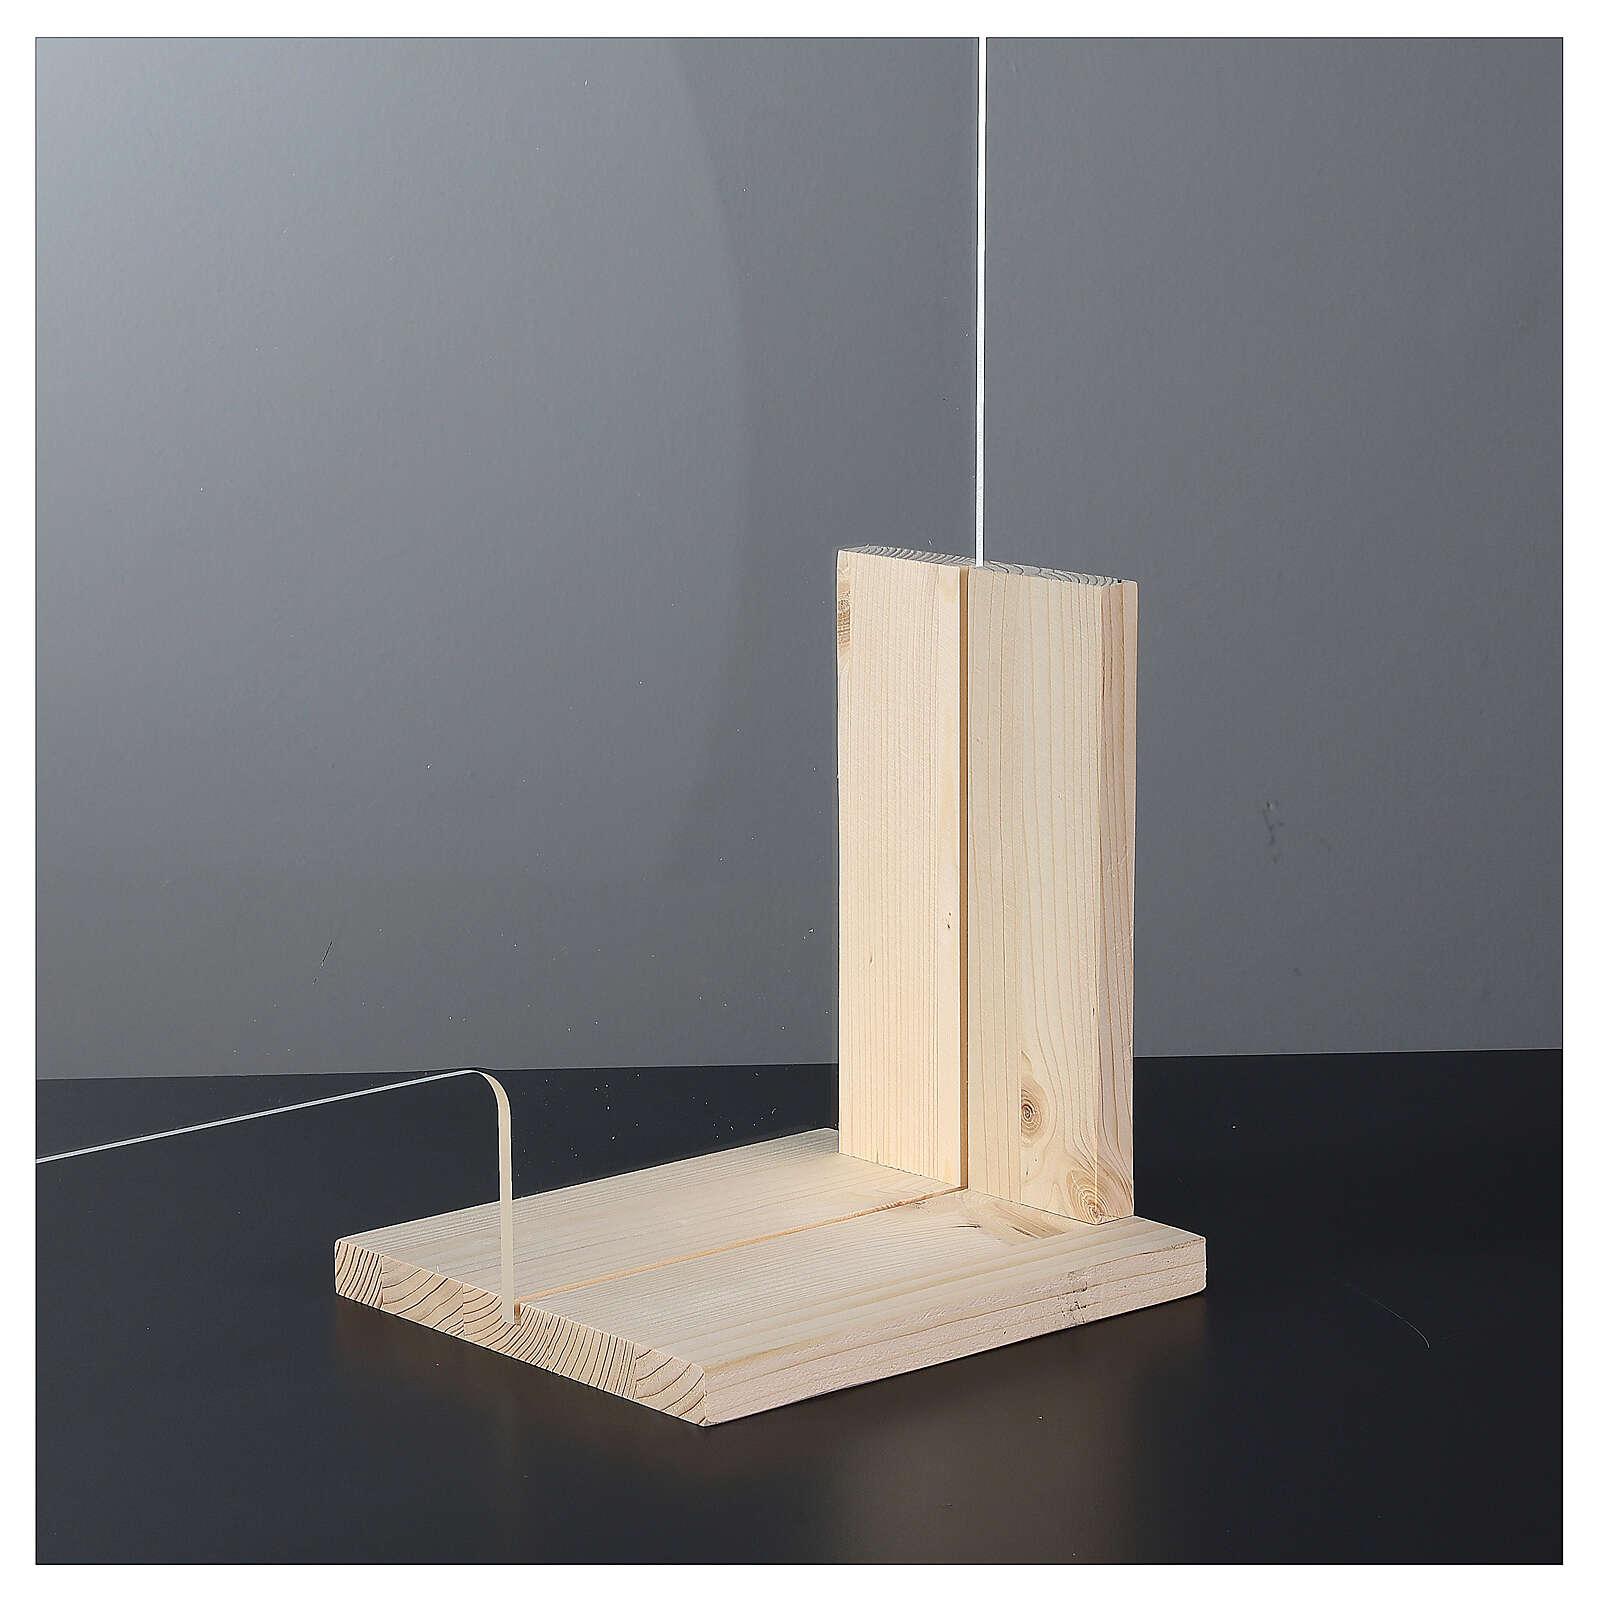 Cloison pour banc - gamme Wood h 65x120 cm et fenêtre h 8x32 cm 3